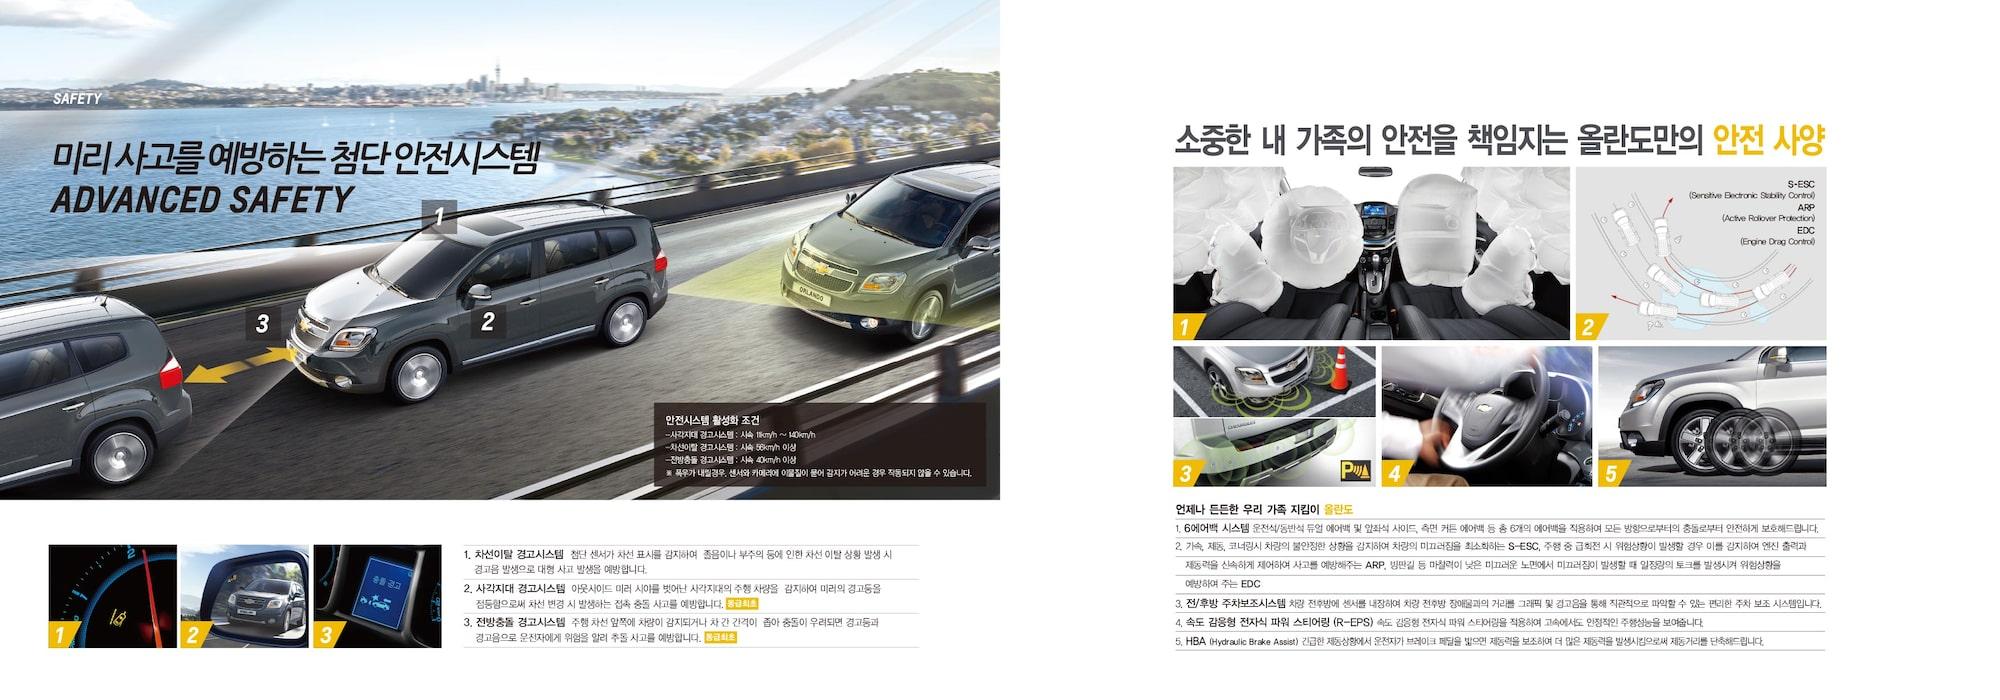 올란도 카탈로그(e-Catalog) | 쉐보레(Chevrolet) 공식 웹사이트